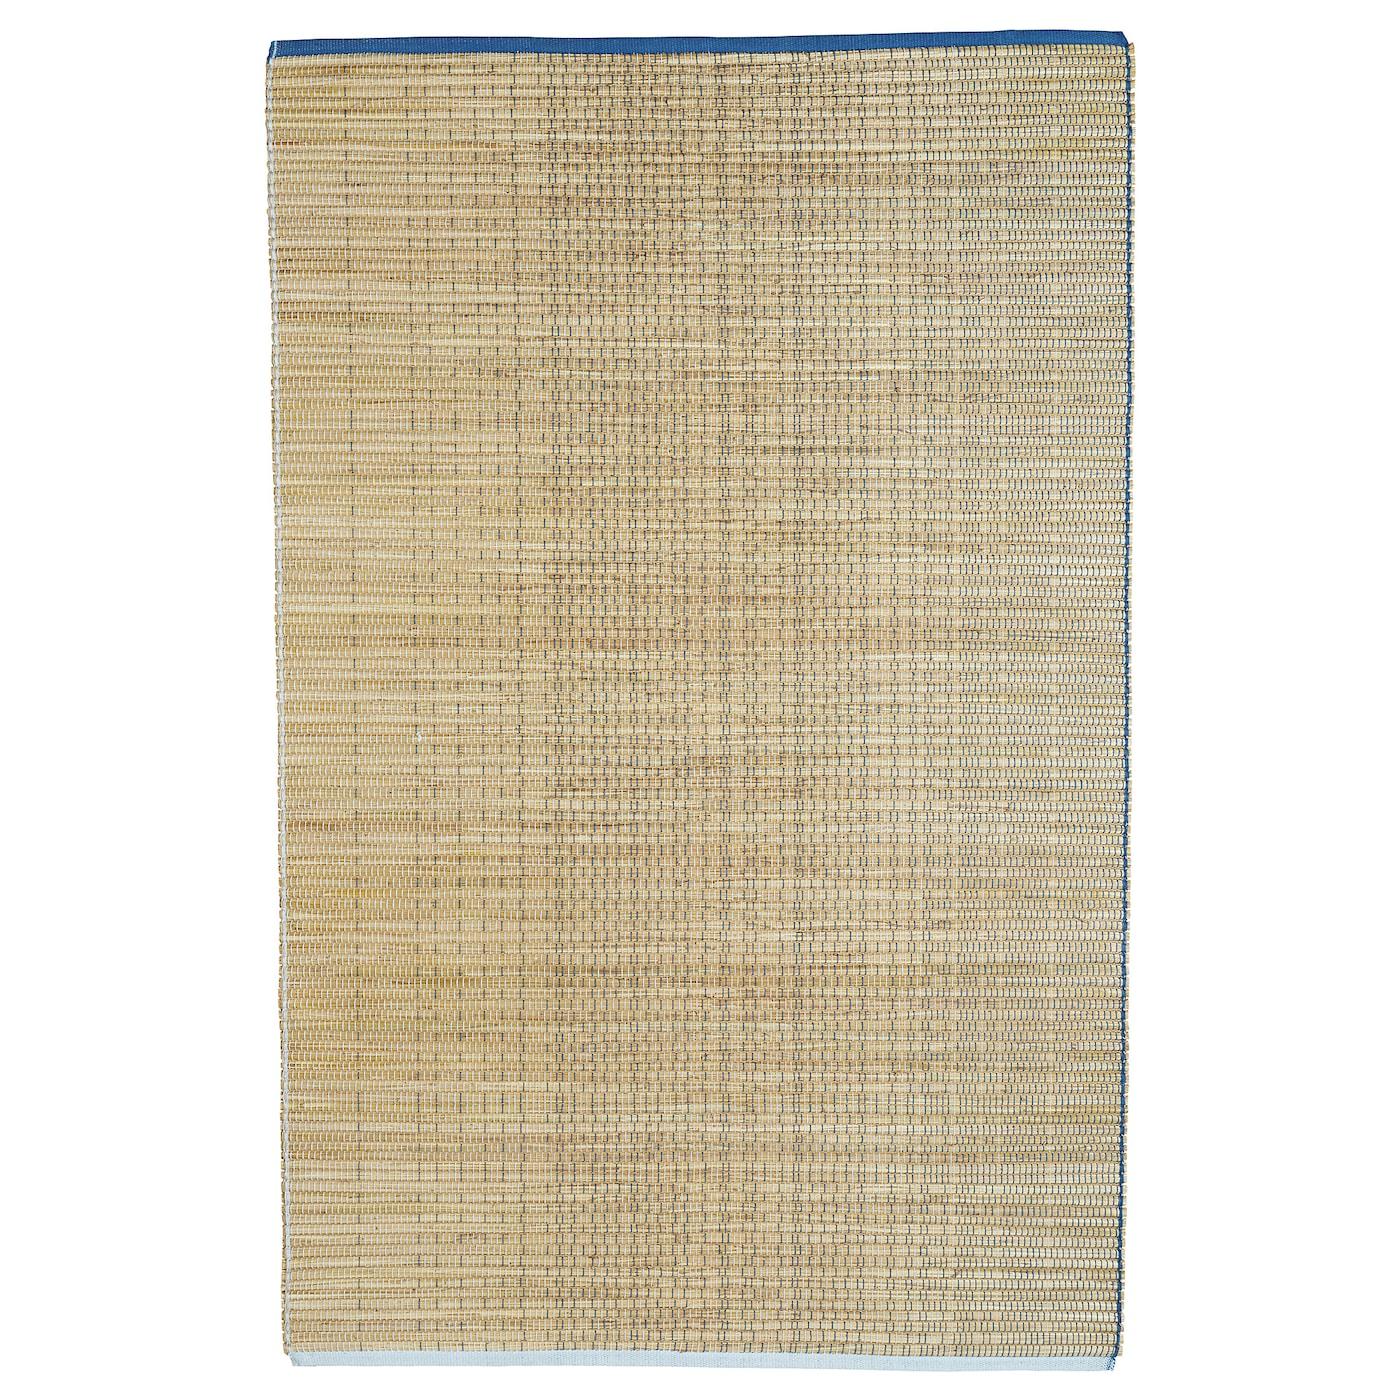 FÖRÄNDRING lamekootud vaip - käsitsi valmistatud / riisikõrre sinine / looduslik 120x180 cm Suured kuni keskmise suurusega vaibad